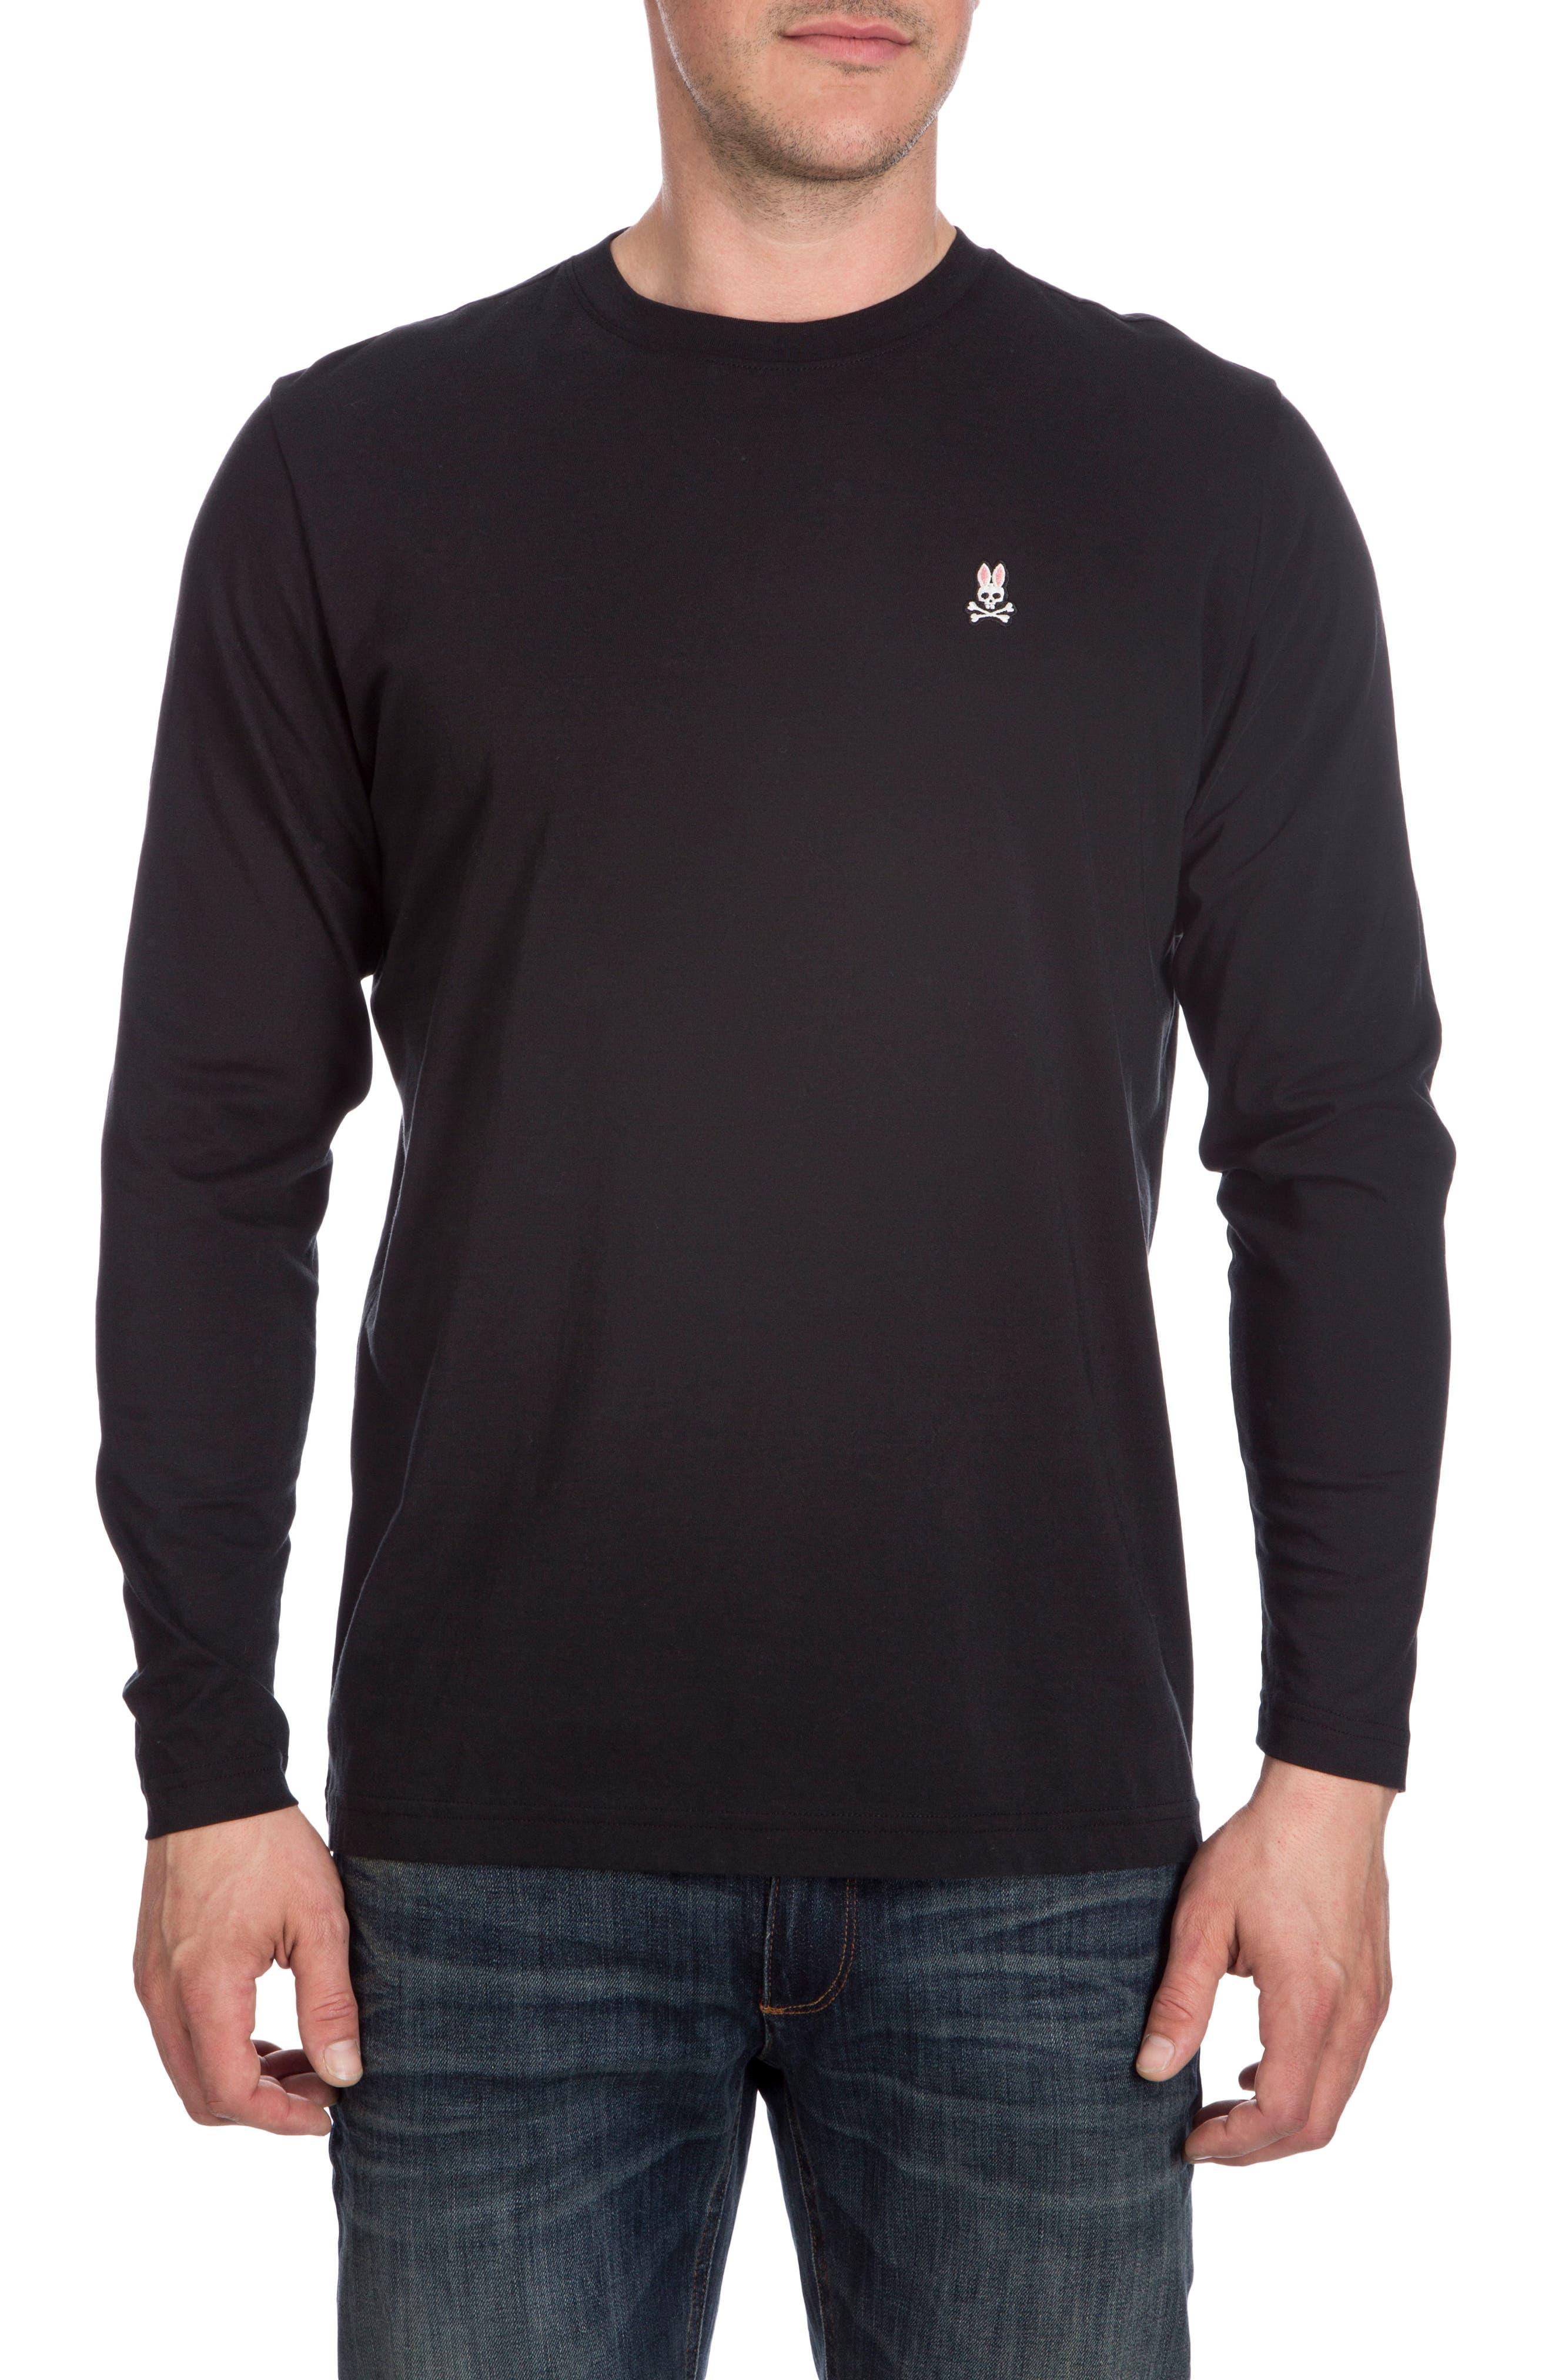 Psycho Bunny Crewneck T-Shirt